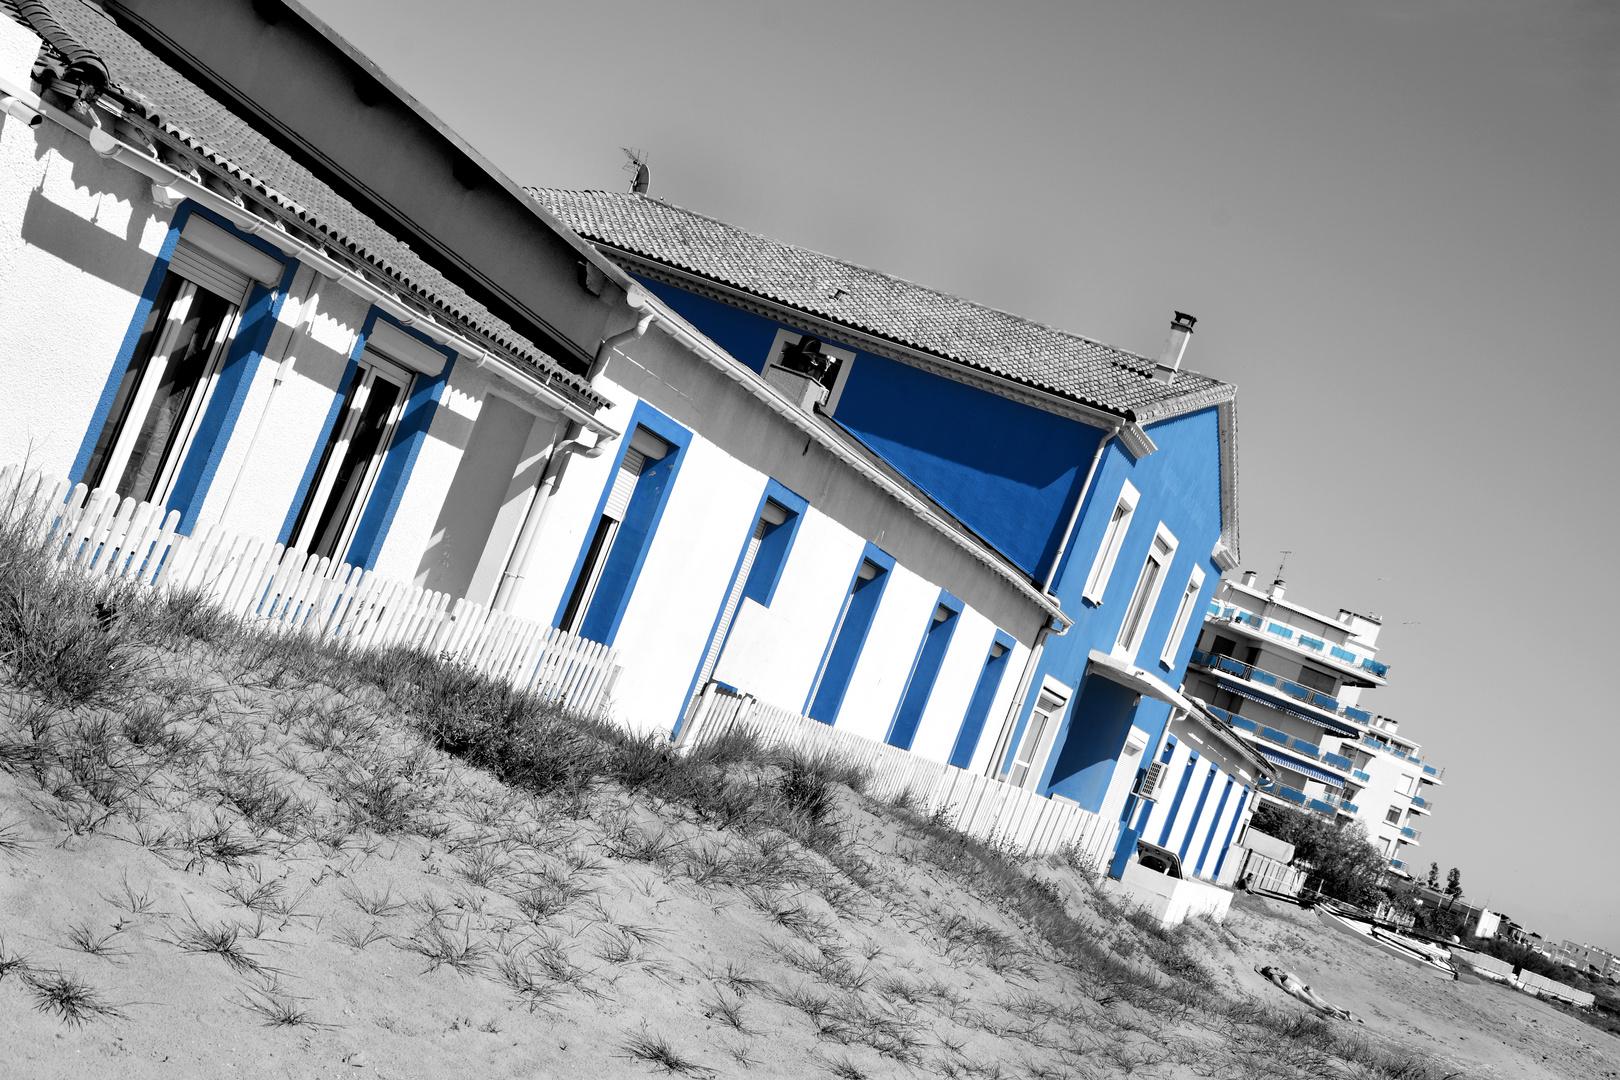 C'est une maison bleue ...